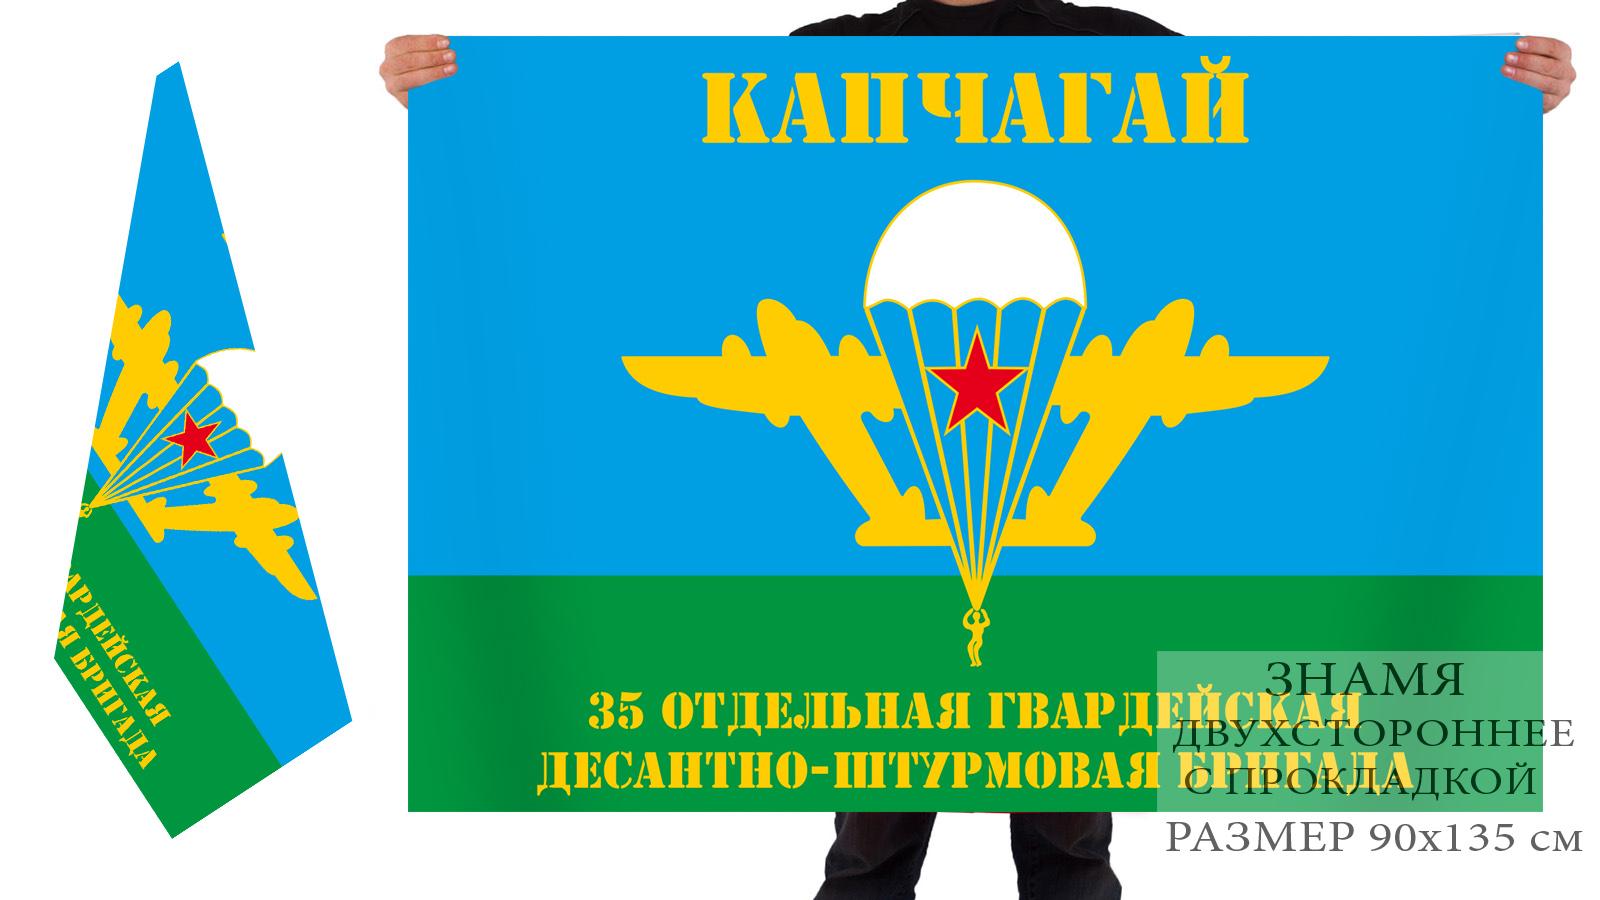 Купить с доставкой флаг «35-я отдельная гвардейская десантно-штурмовая бригада, Капчагай»